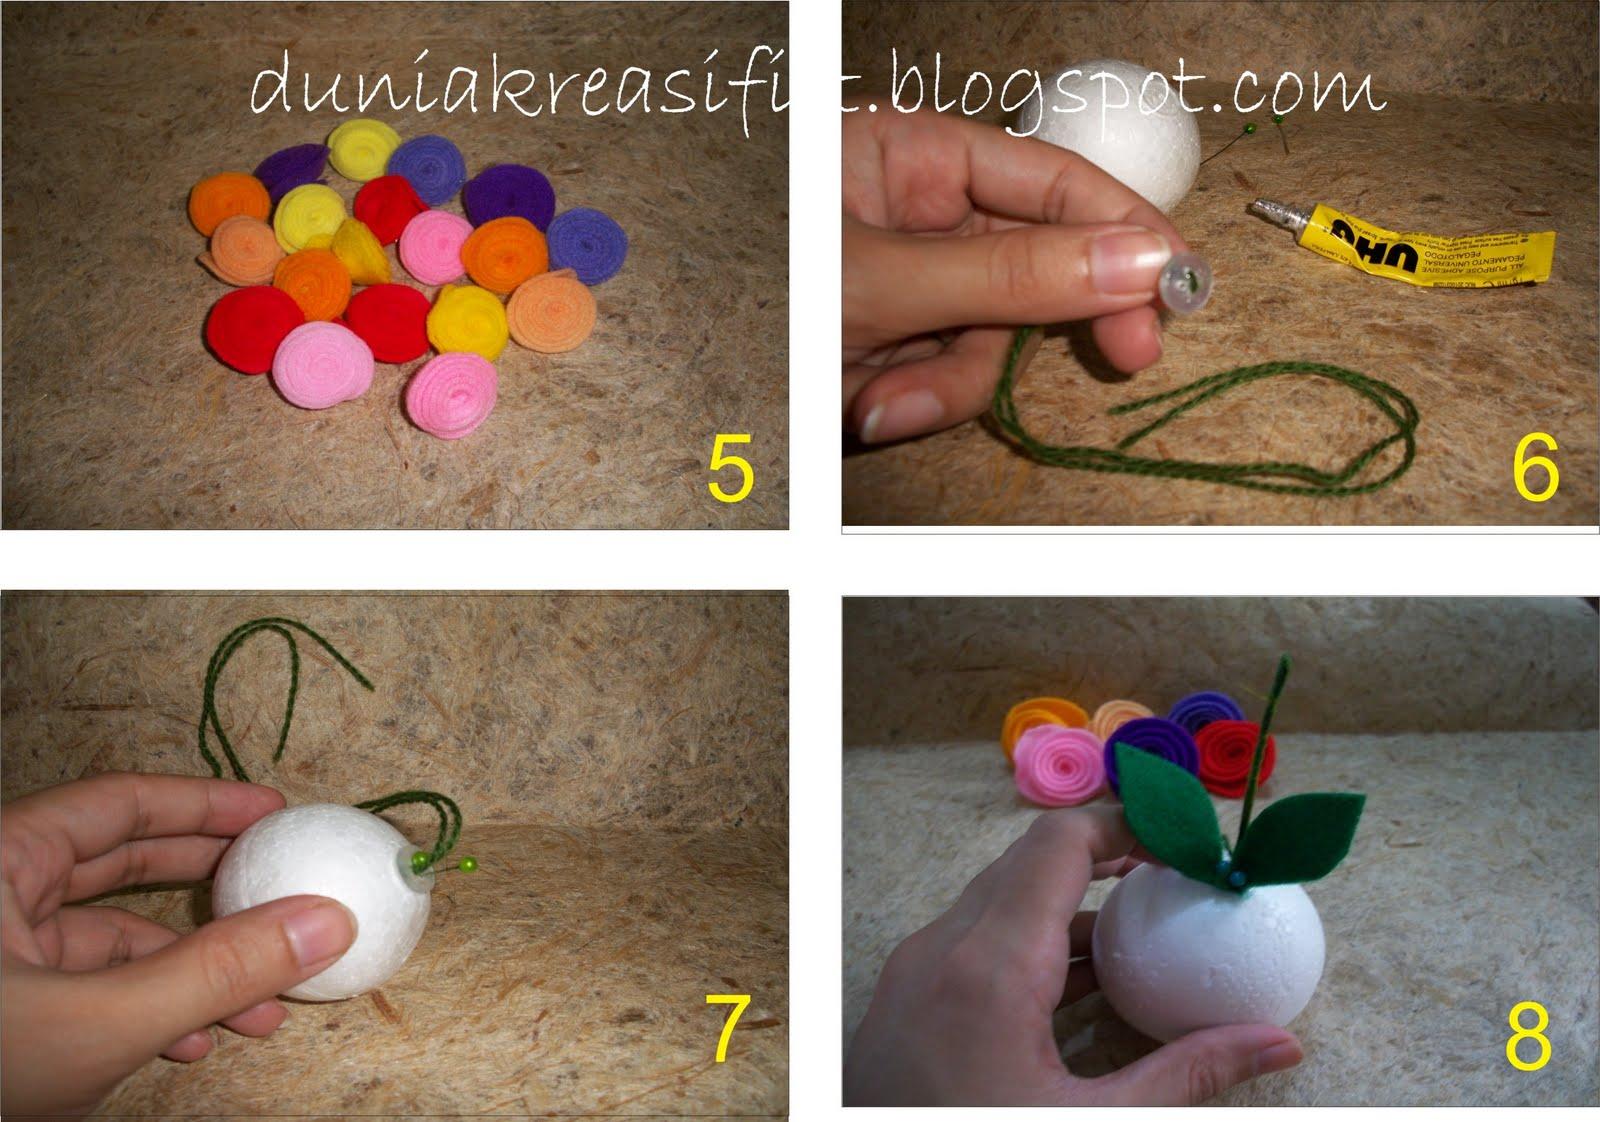 pasang mawar, lalu tusuk dengan jarum pentul, warna jarum pentul